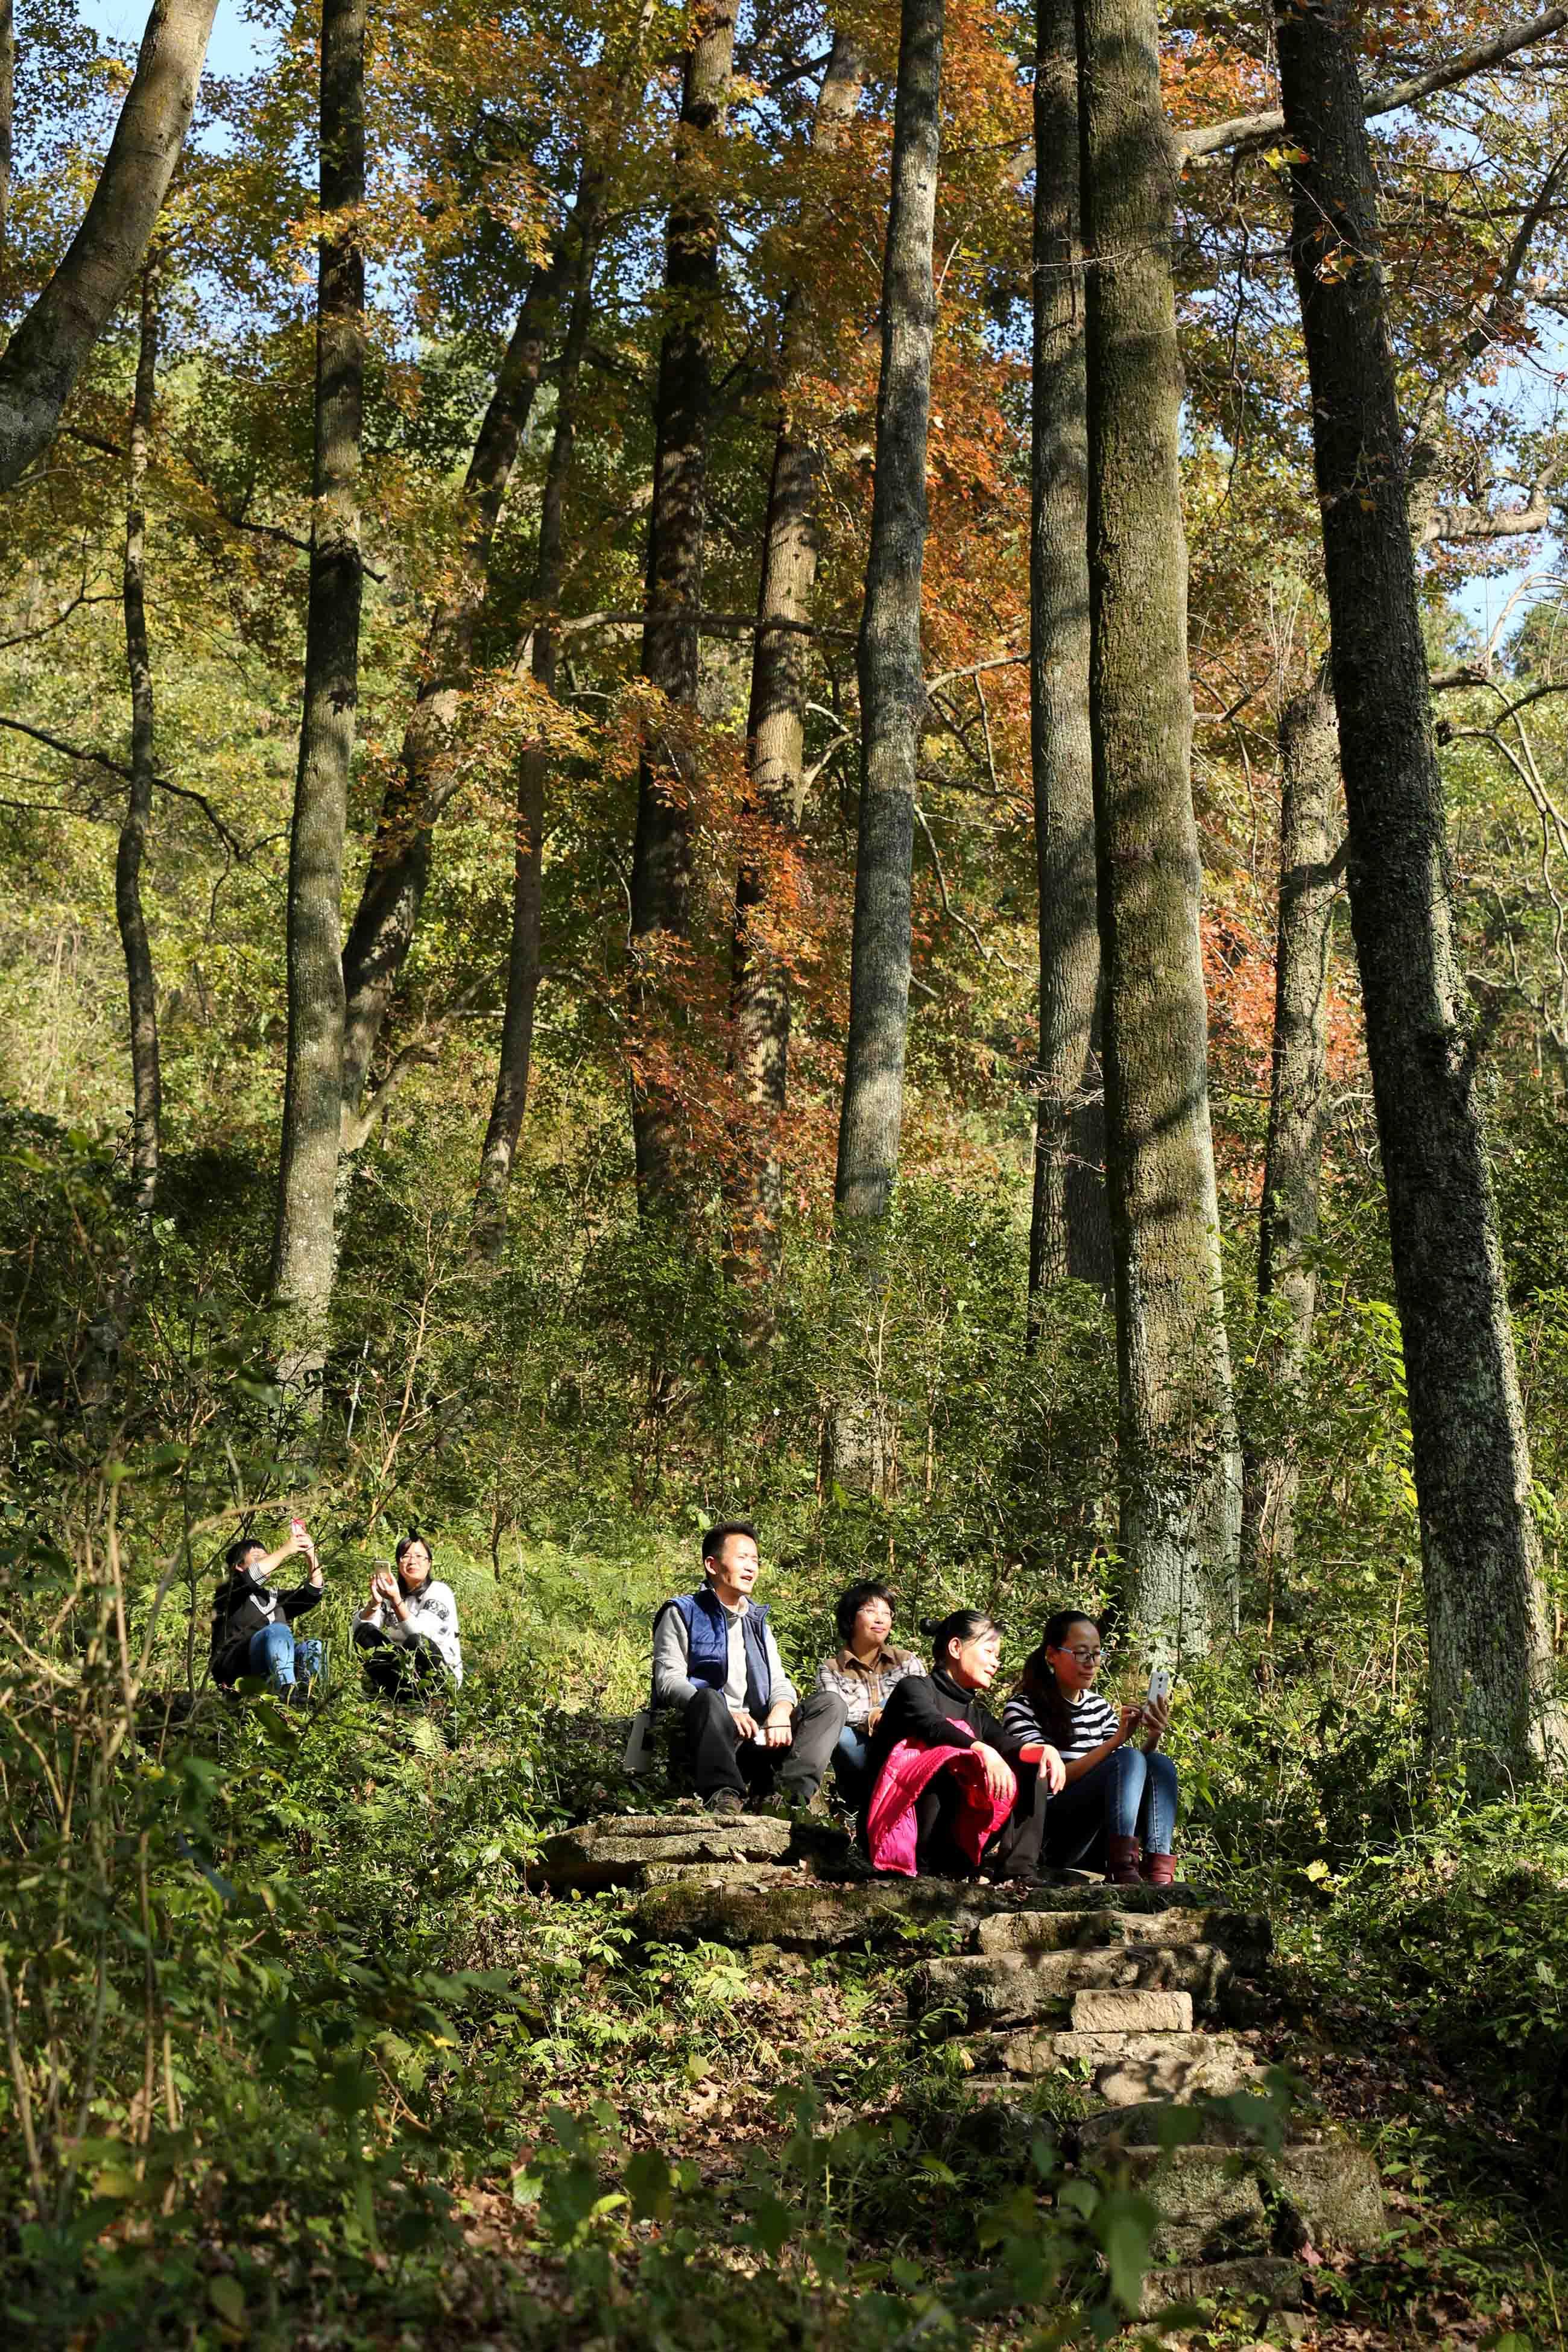 图1:12月9日,游客在广西柳州市融安县东起乡乐岗屯观赏枫叶。(谭凯兴 摄)